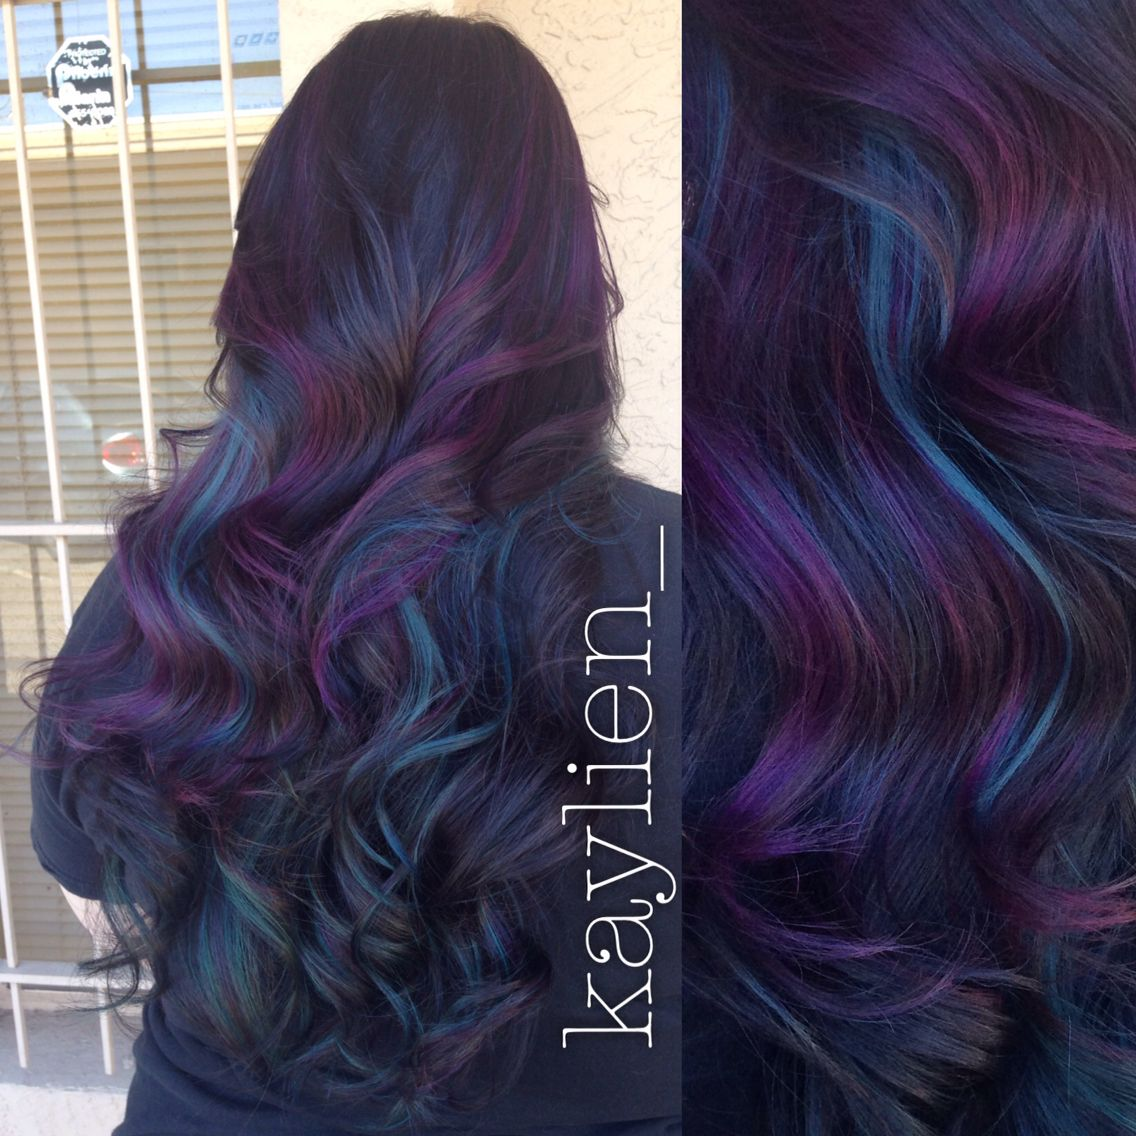 Peacock Hair Teal And Purple Peekaboos With Deep Deep Violet Brown Base Peacock Hair Color Peekaboo Hair Hair Color Purple